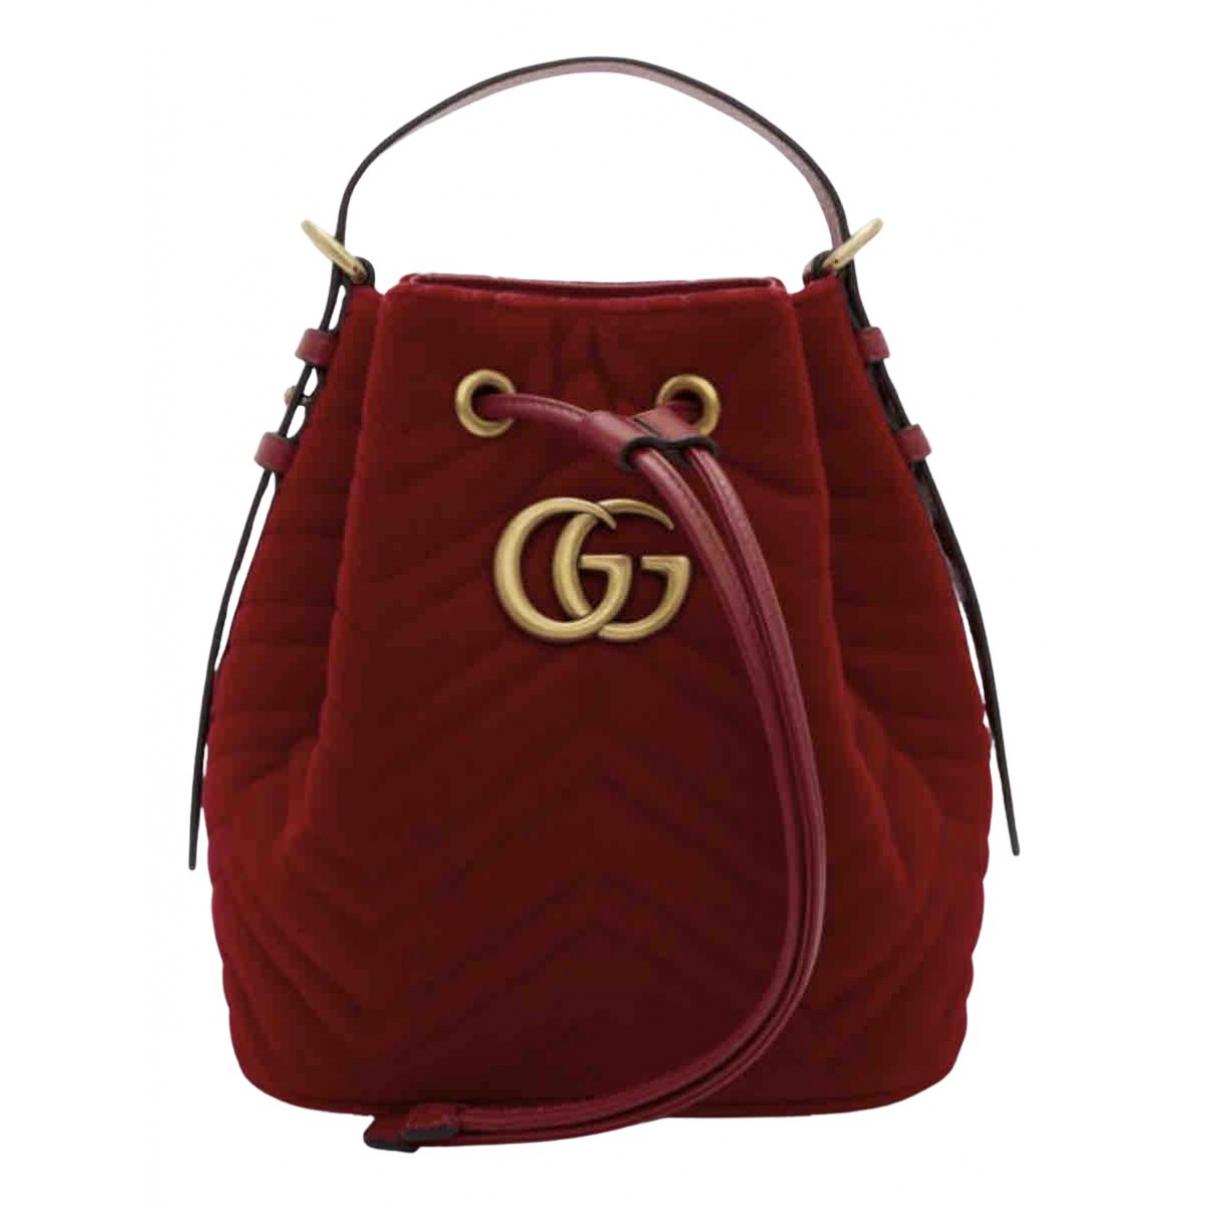 Gucci - Sac a main Marmont pour femme en velours - rouge